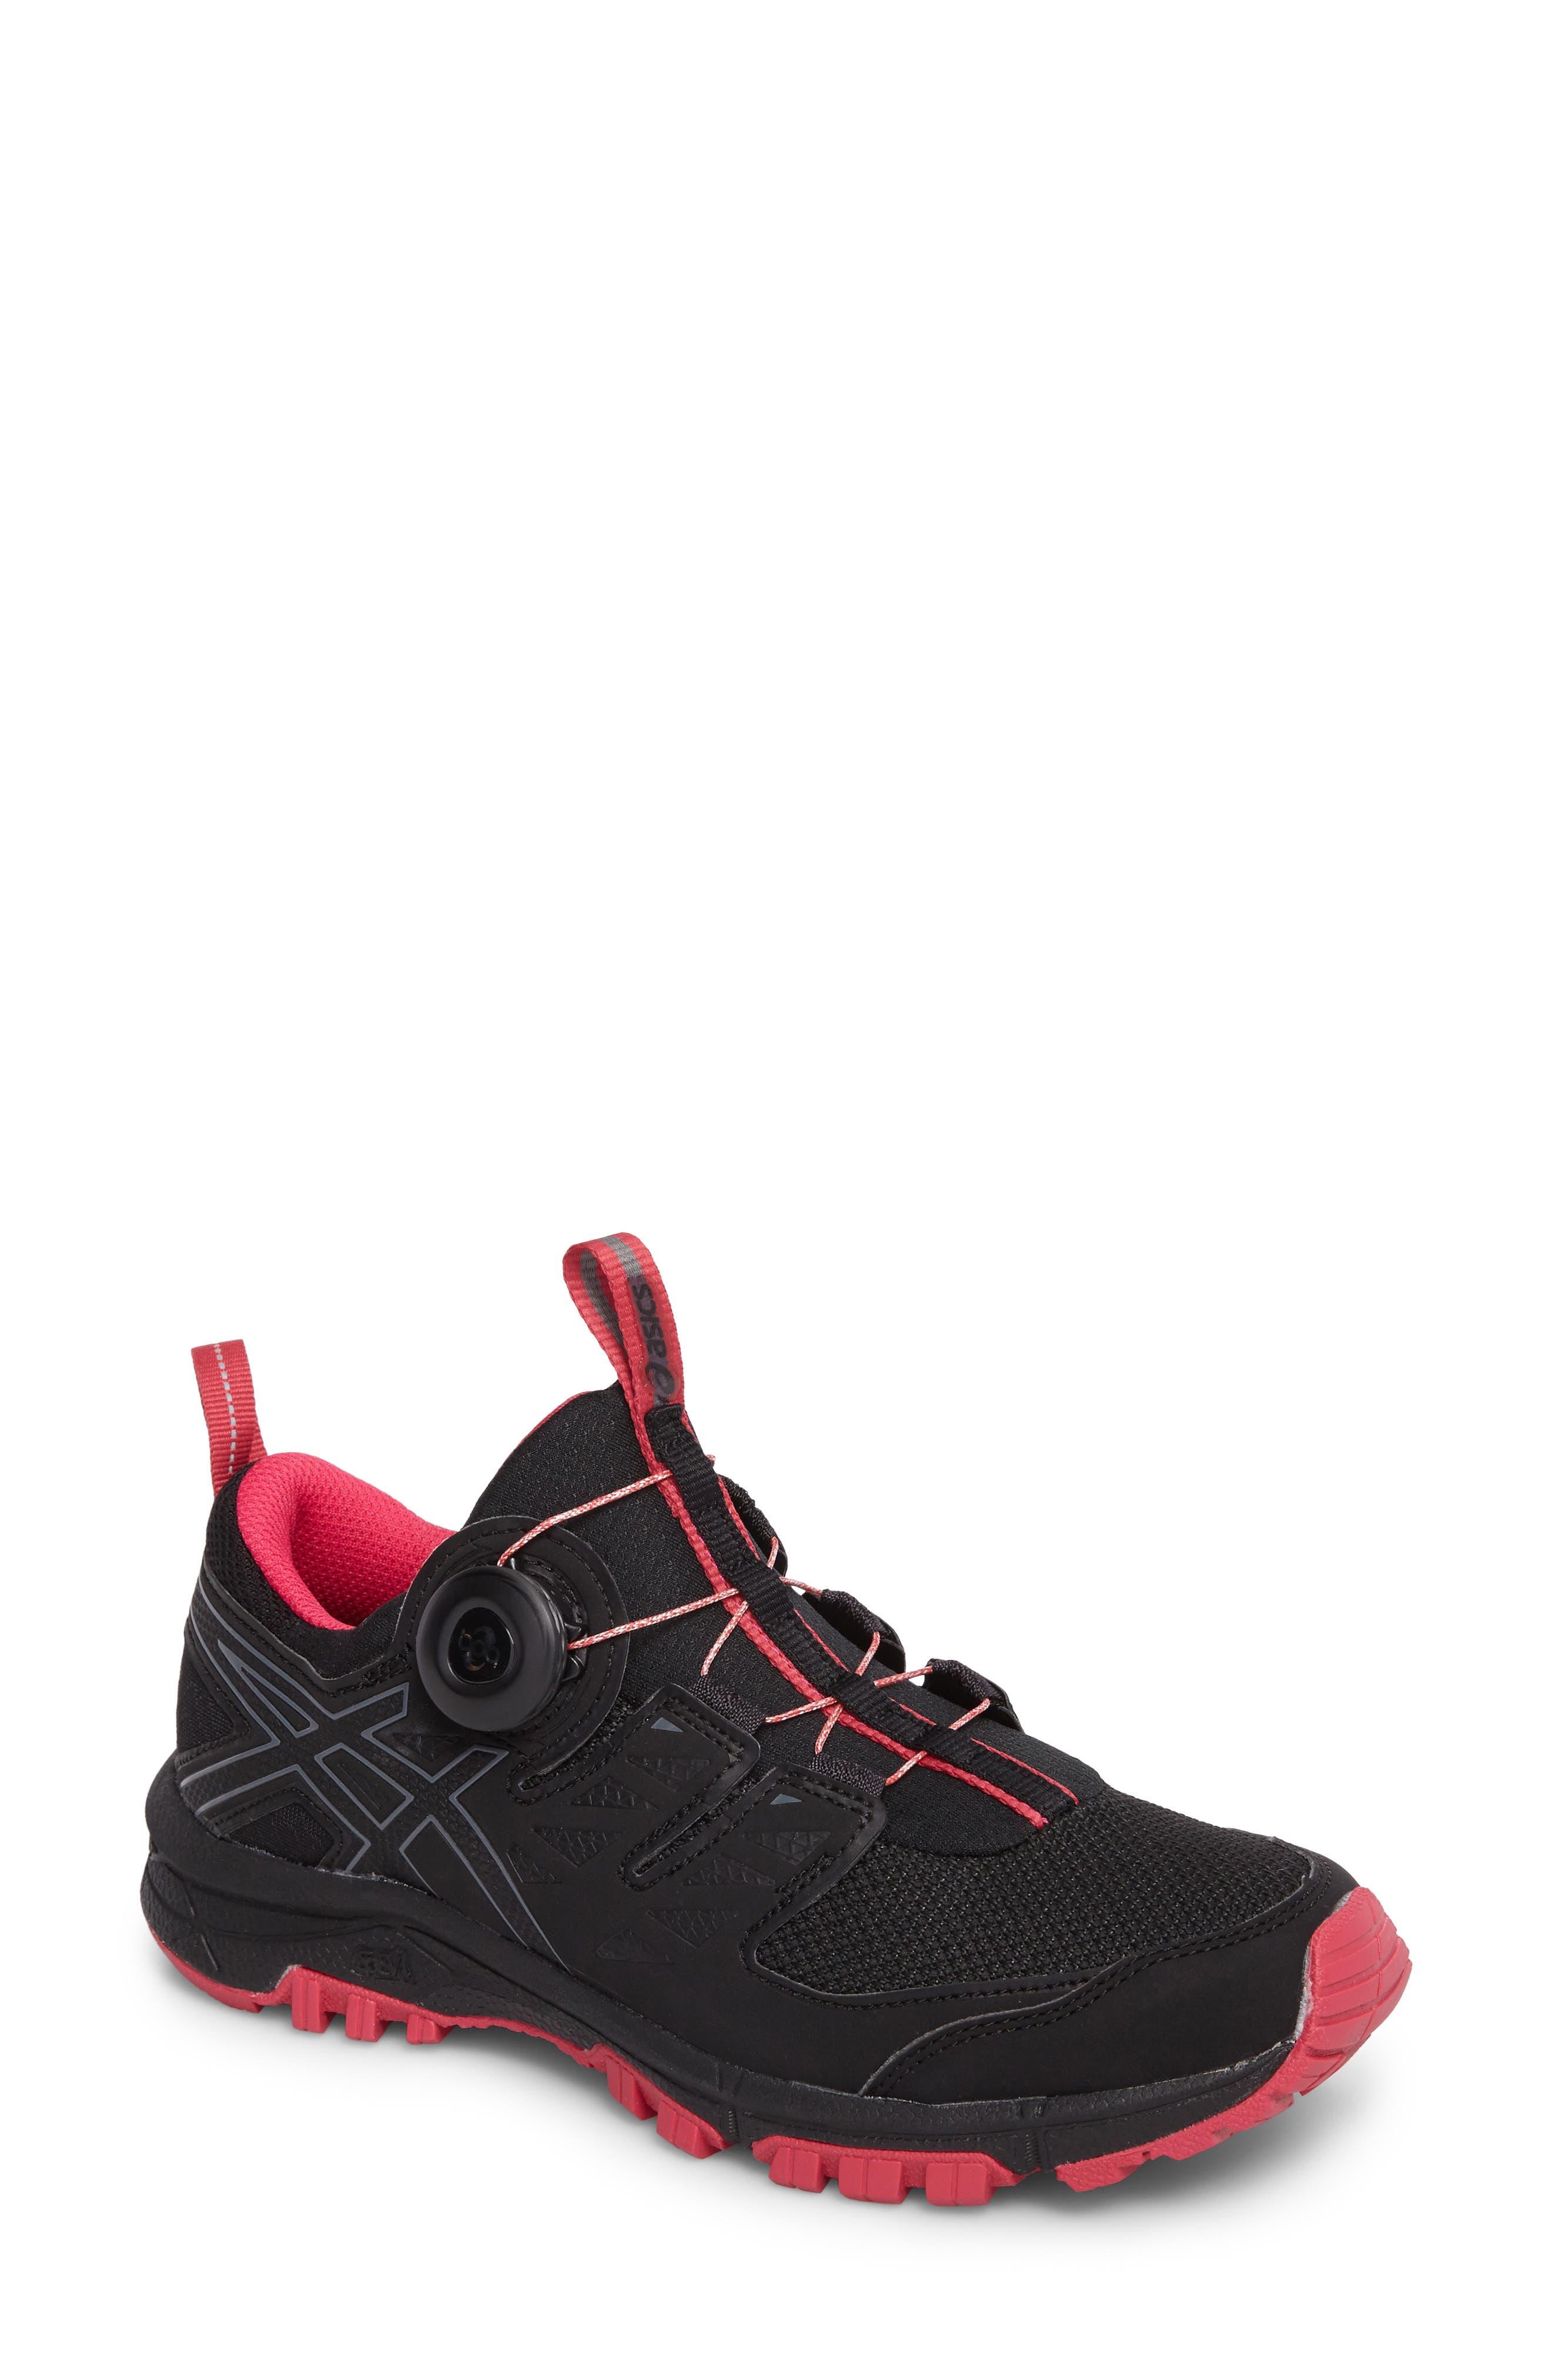 GEL-Fujirado Running Shoe,                         Main,                         color, Black/ Carbon/ Cosmo Pink